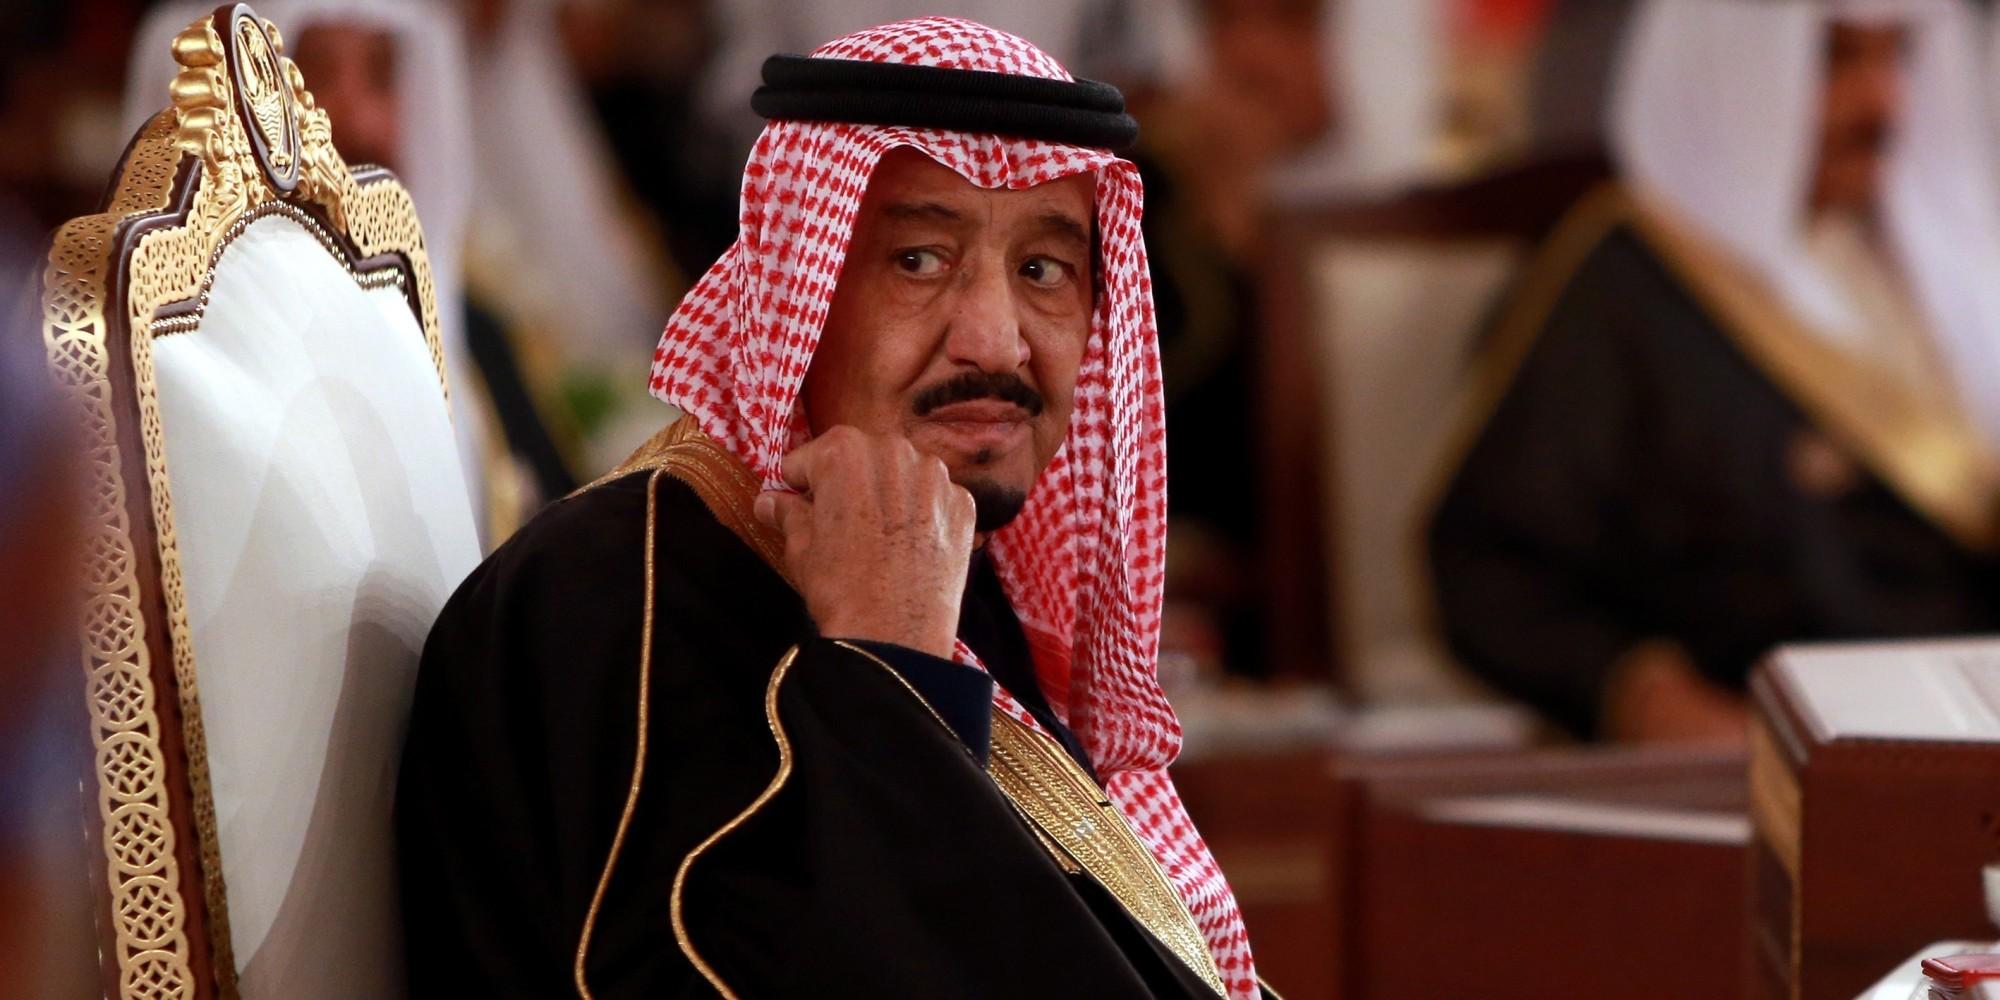 """نشر المغرد السعودي """"مجتهد"""" النص الكامل لخطاب أحد أحفاد الملك عبد العزيز، بعنوان """"نذير عاجل لكل آل سعود"""""""